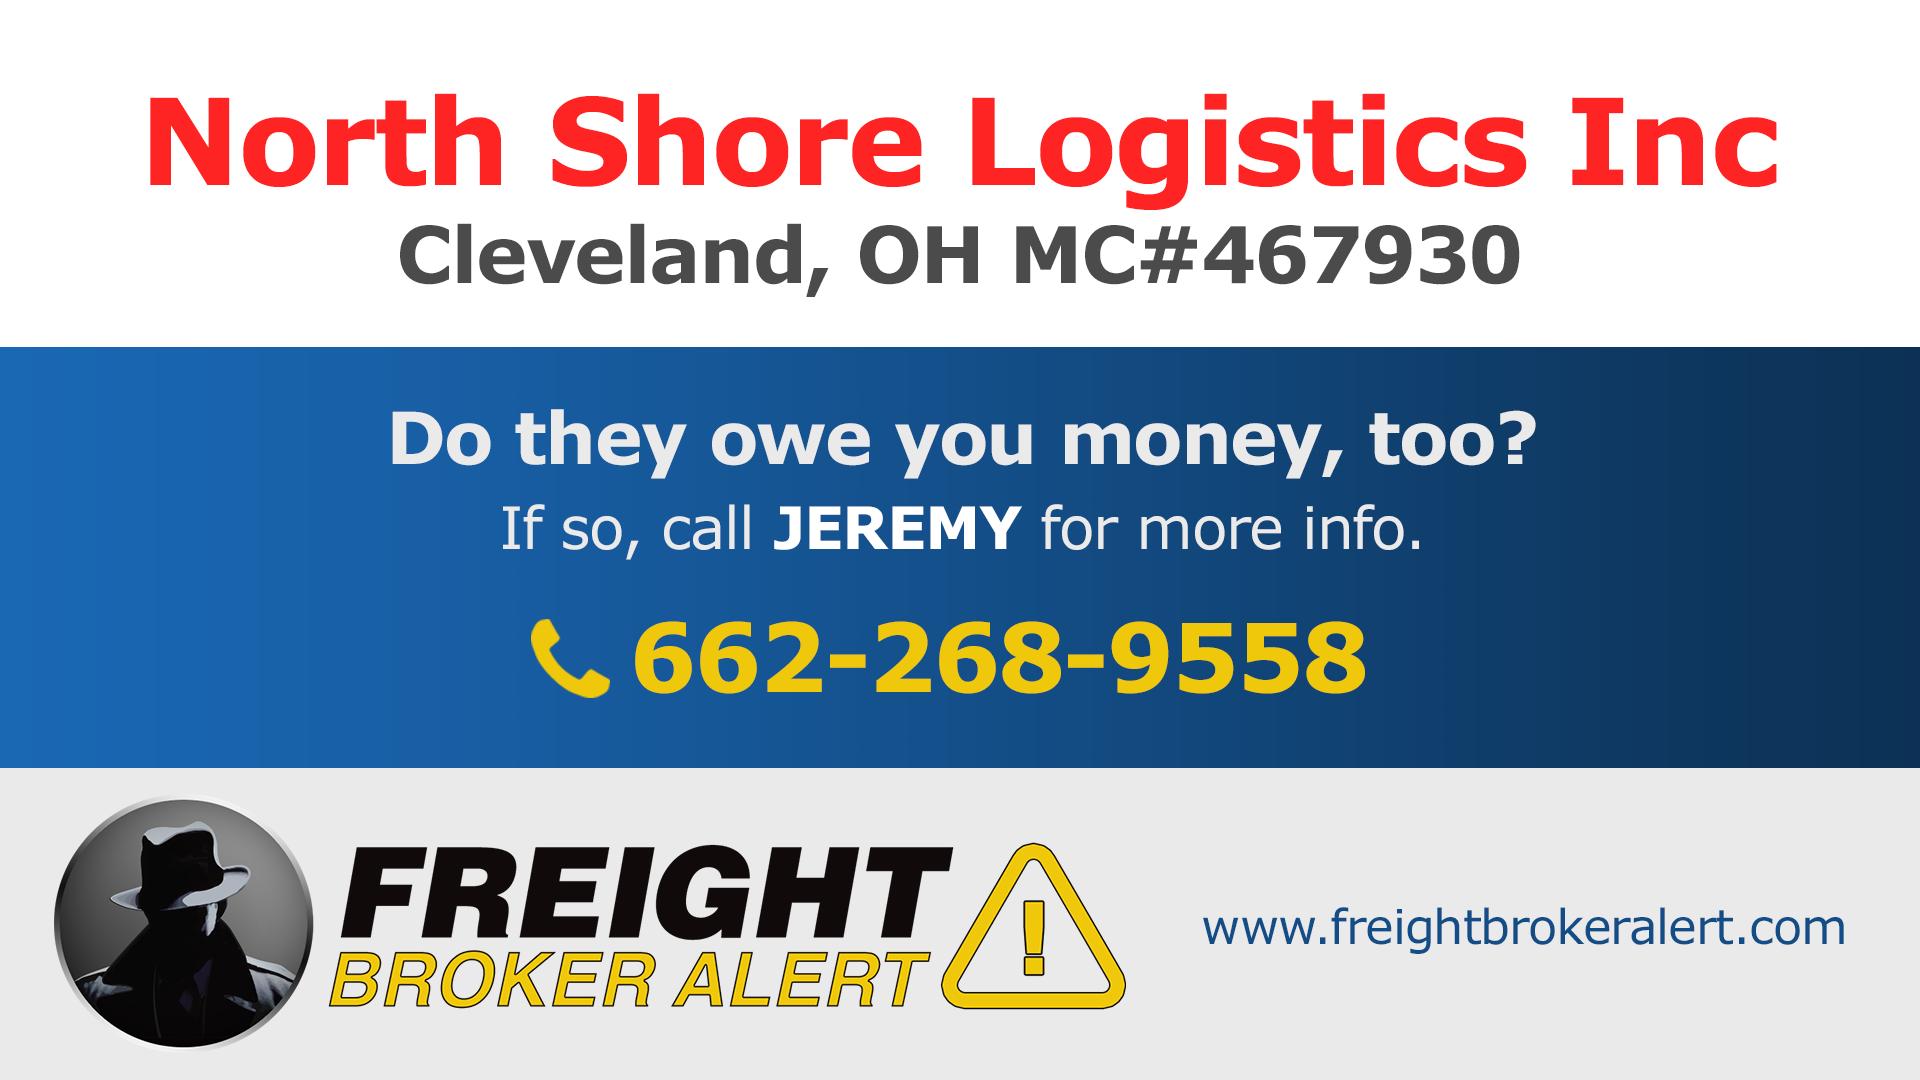 North Shore Logistics Inc Ohio